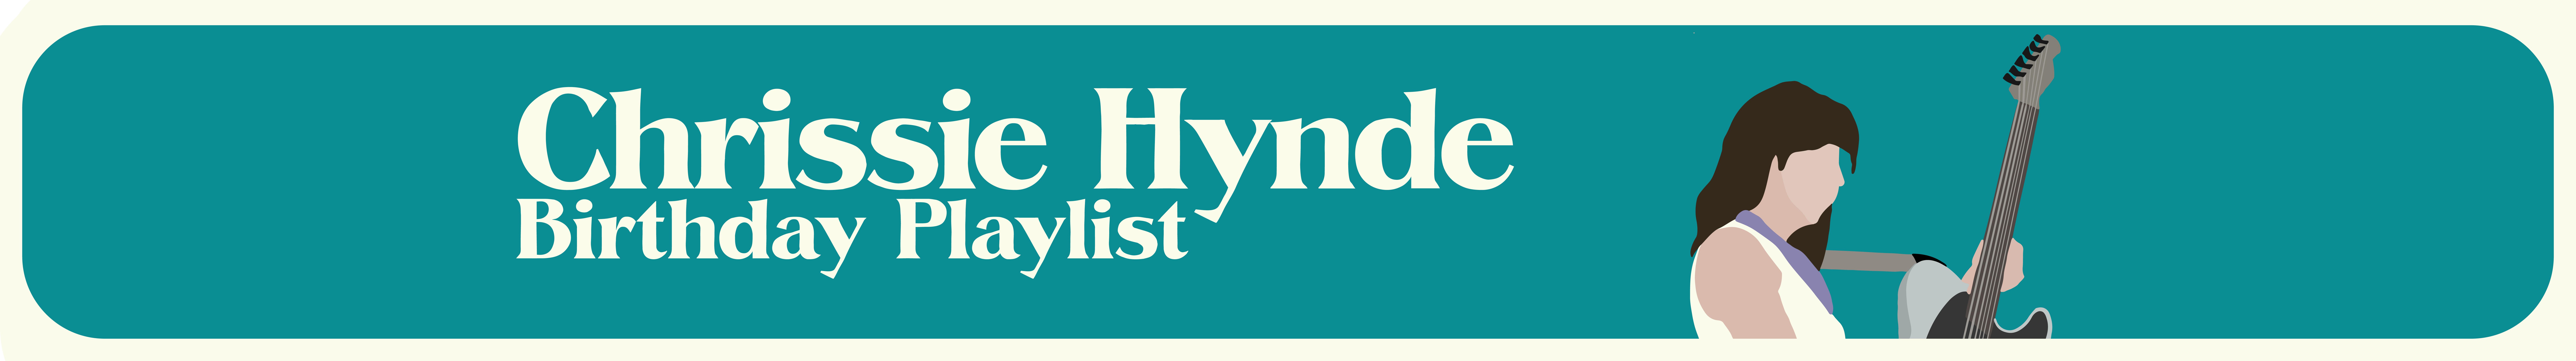 Chrissie Hynde Birthday Playlist